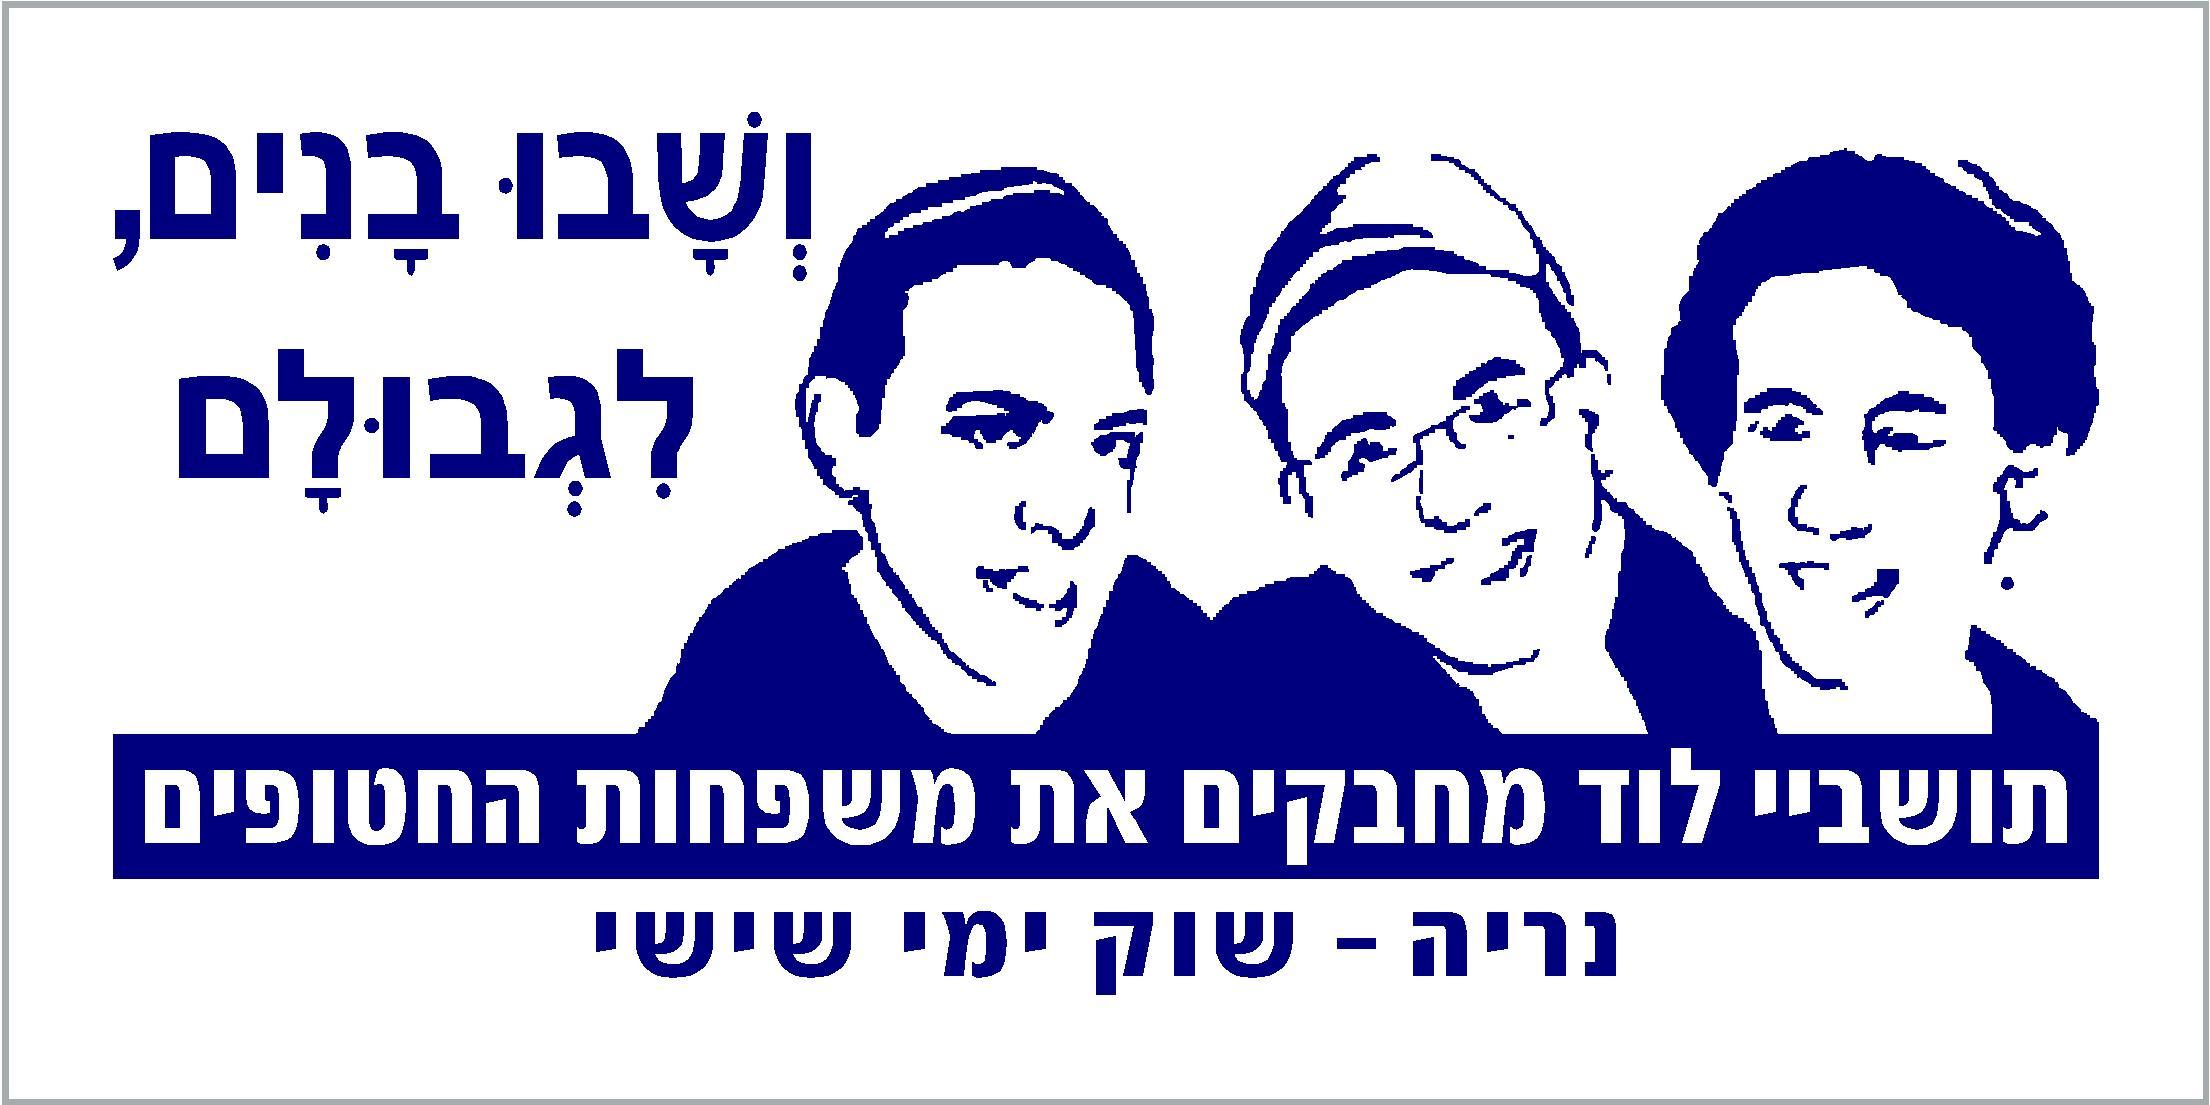 שלט לקמפיין פוליטי חברתי